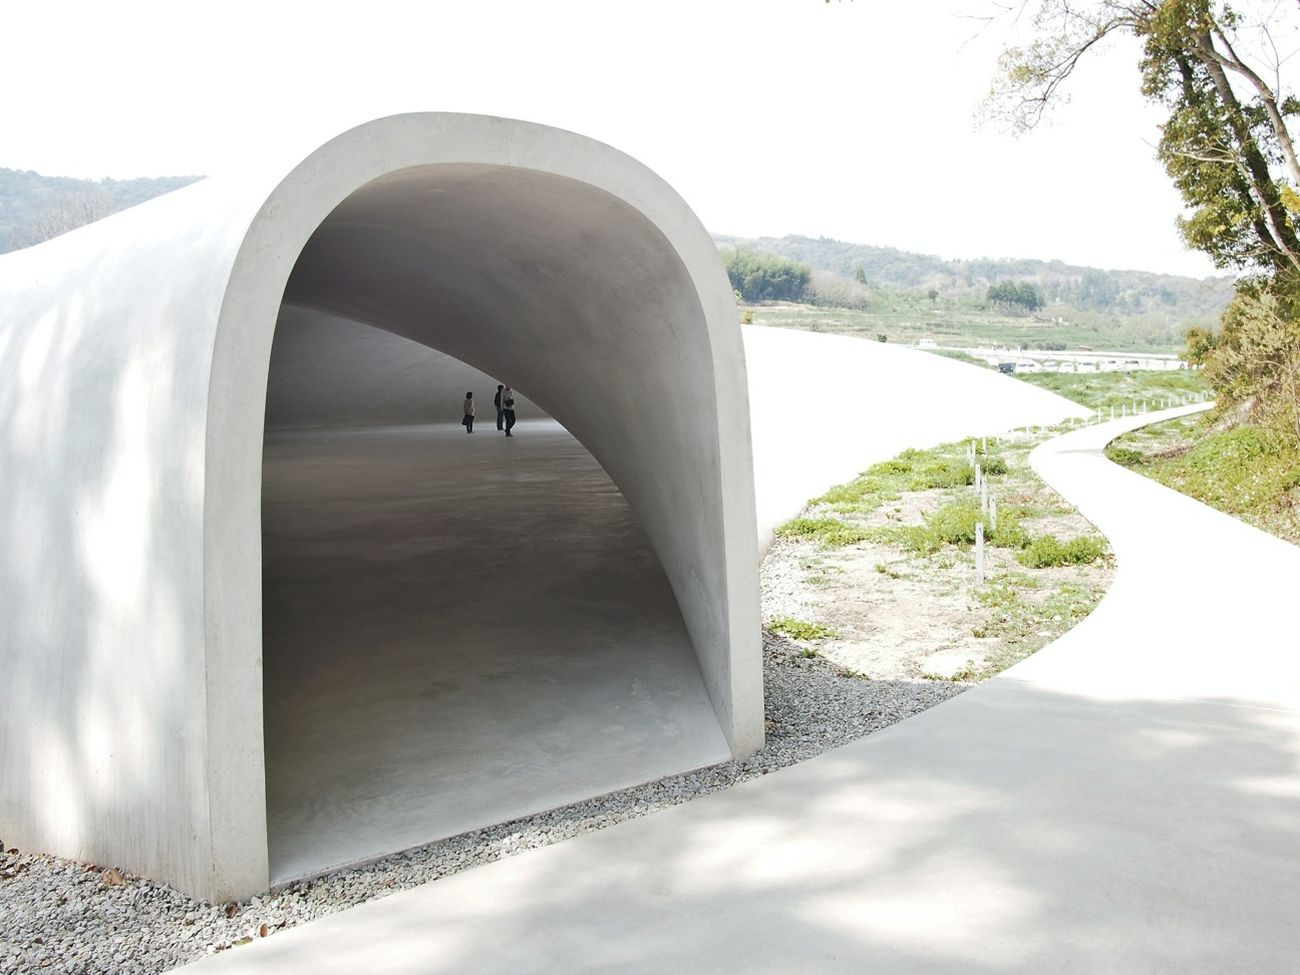 Minimalism Minimalobsession Architecture RyueNishizawa